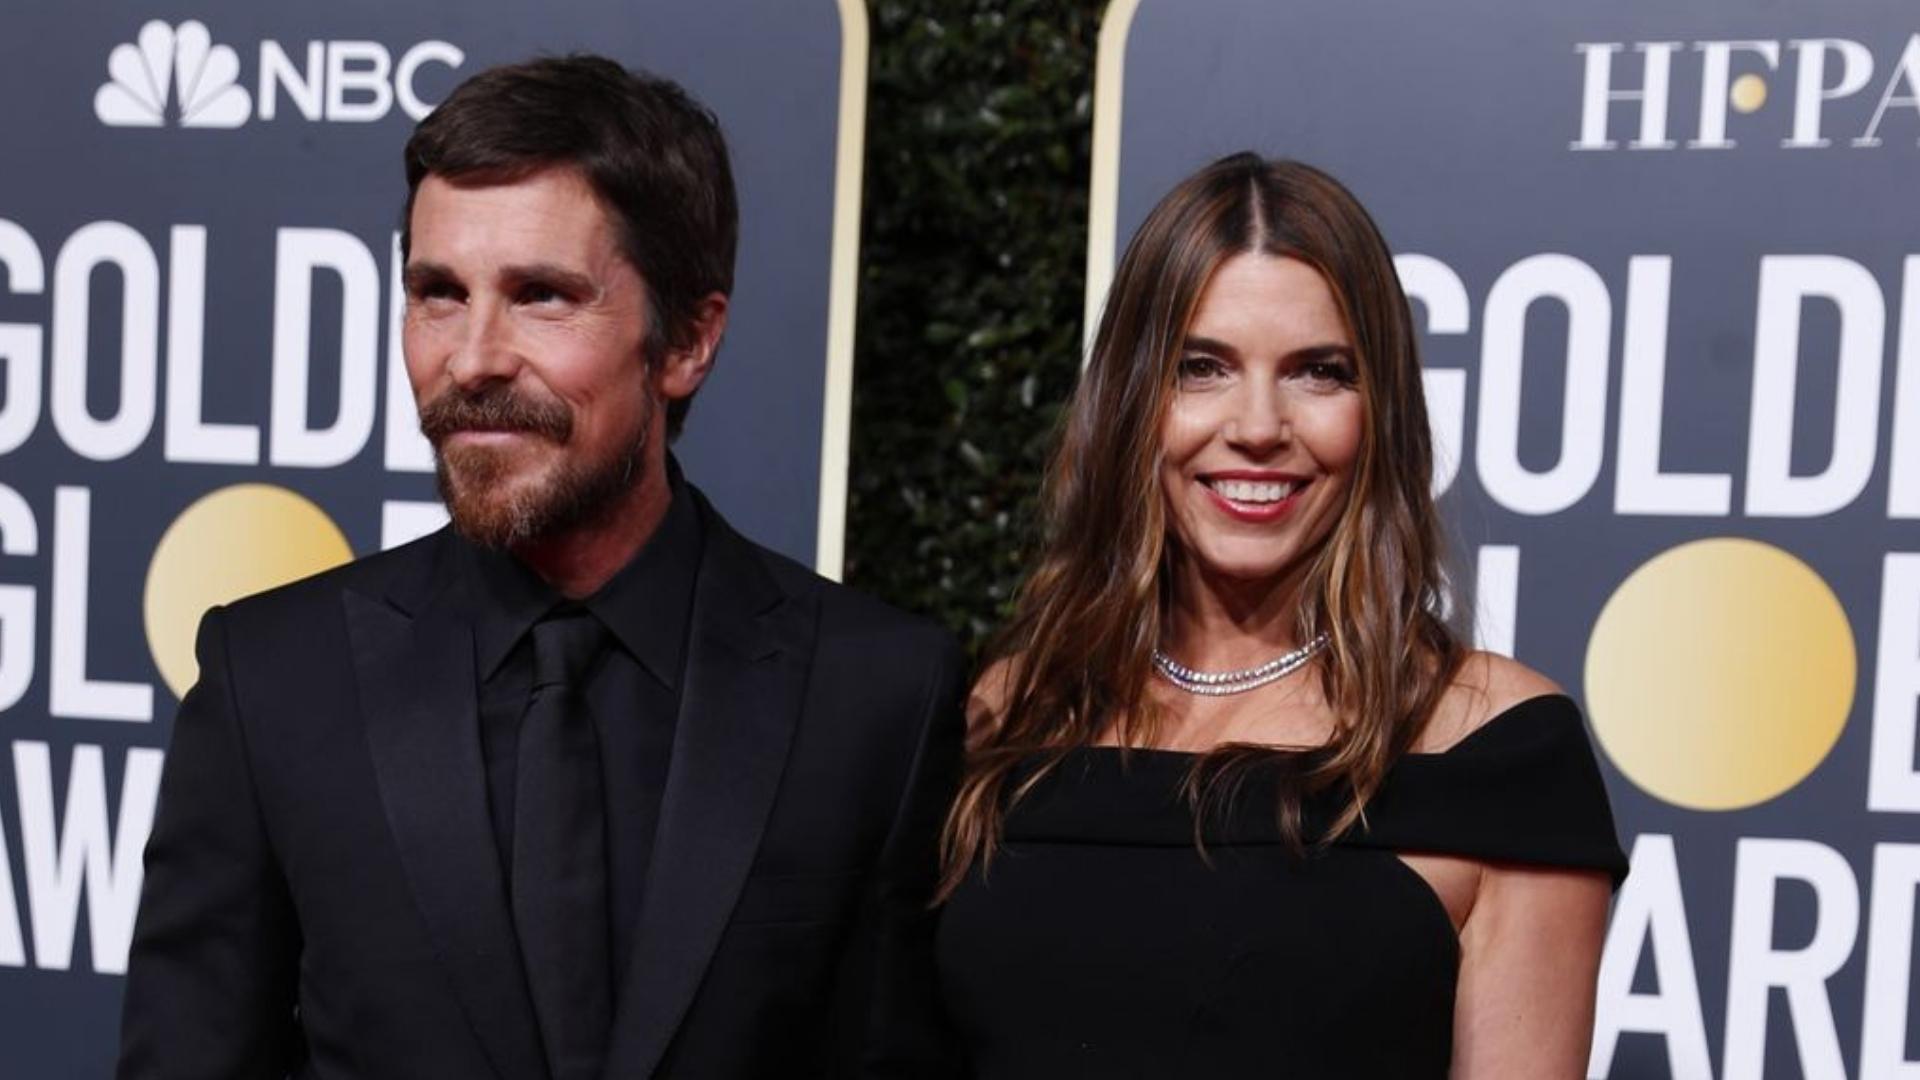 Złote Globy 2019: Nietypowe przemówienie Christiana Bale po otrzymaniu nagrody